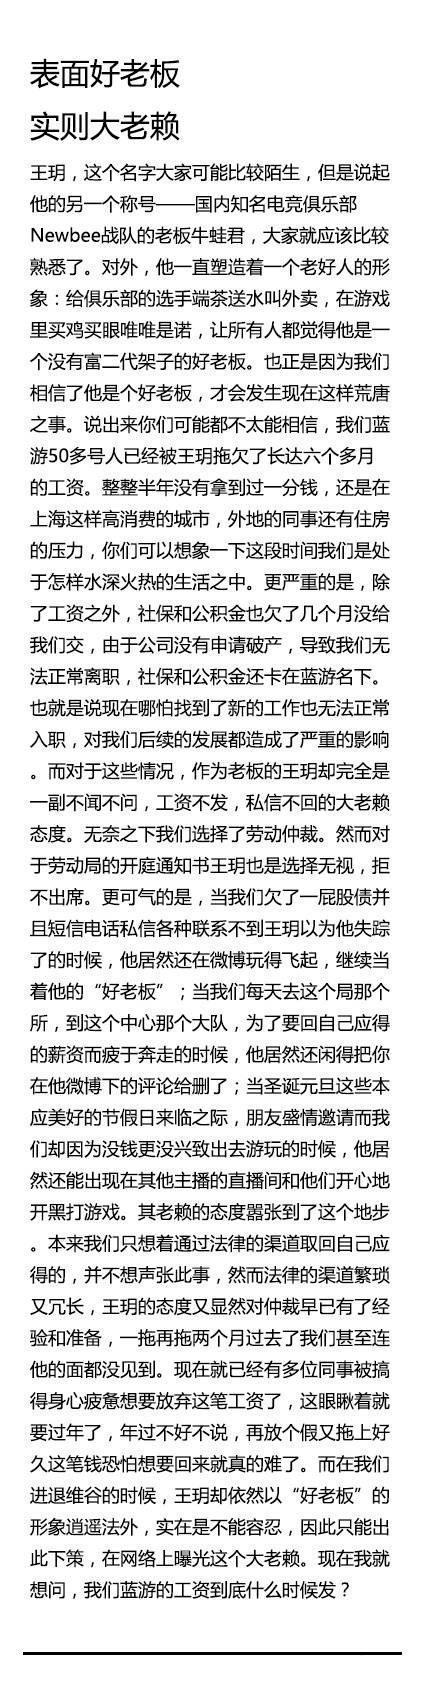 Newbee老板被曝欠薪半年 王思聪:被他坑的经历都能拍剧了